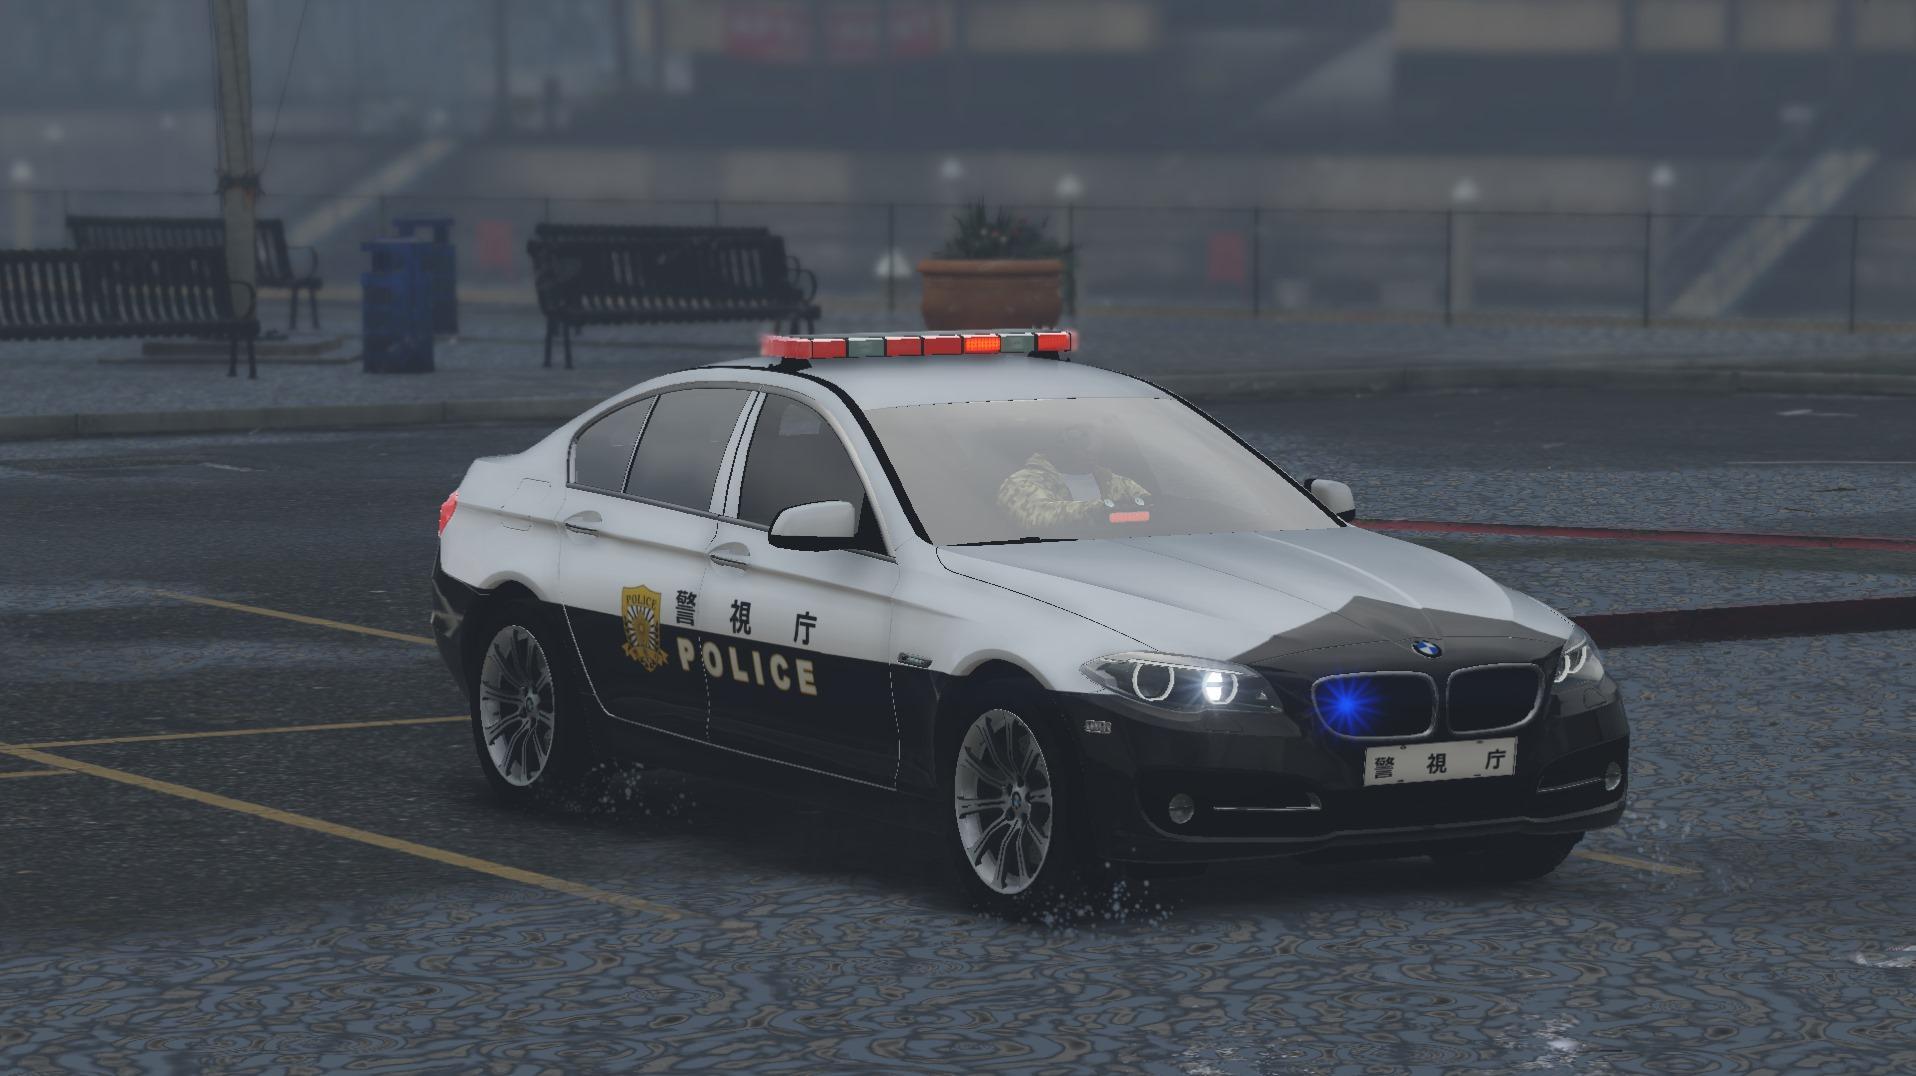 2015 BMW 530D Japanese Police - GTA5-Mods.com